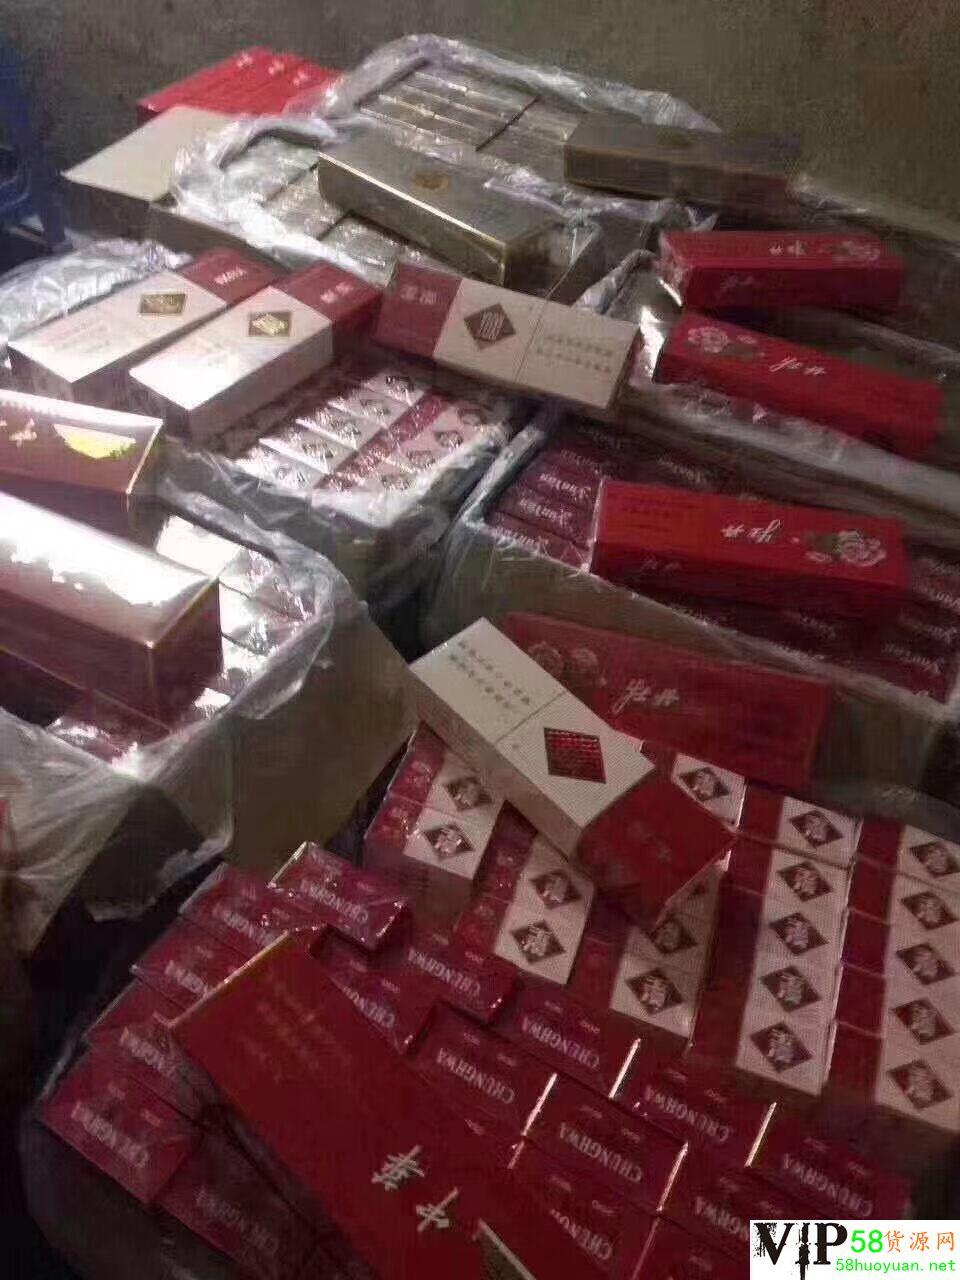 这是第1张云霄香烟一手微商,出口香烟批发,香烟厂家直供,各种国内外香烟货源的货源图片